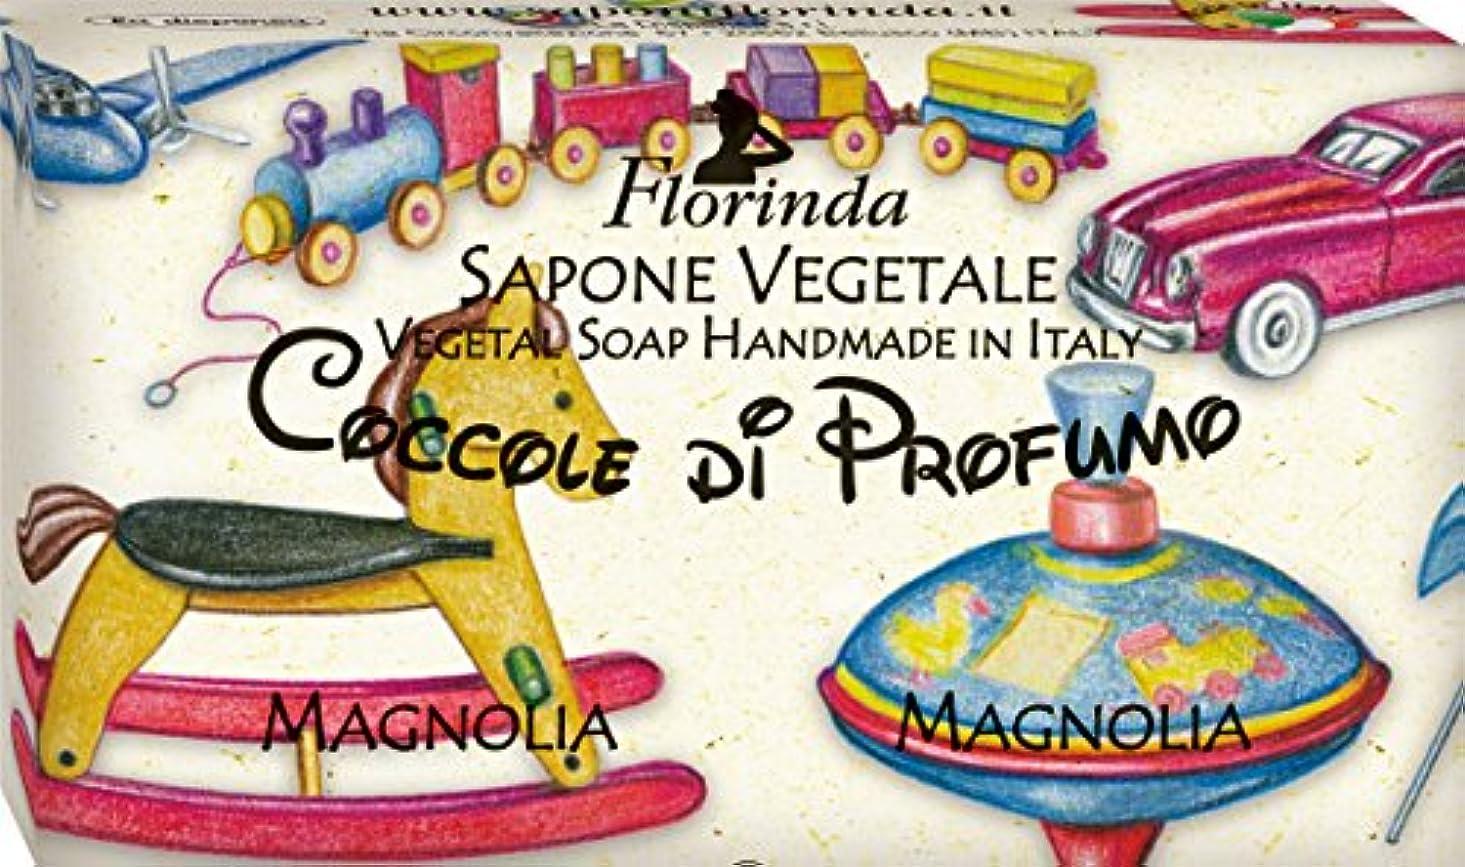 金曜日品海洋のフロリンダ フレグランスソープ おもちゃシリーズ マグノリア